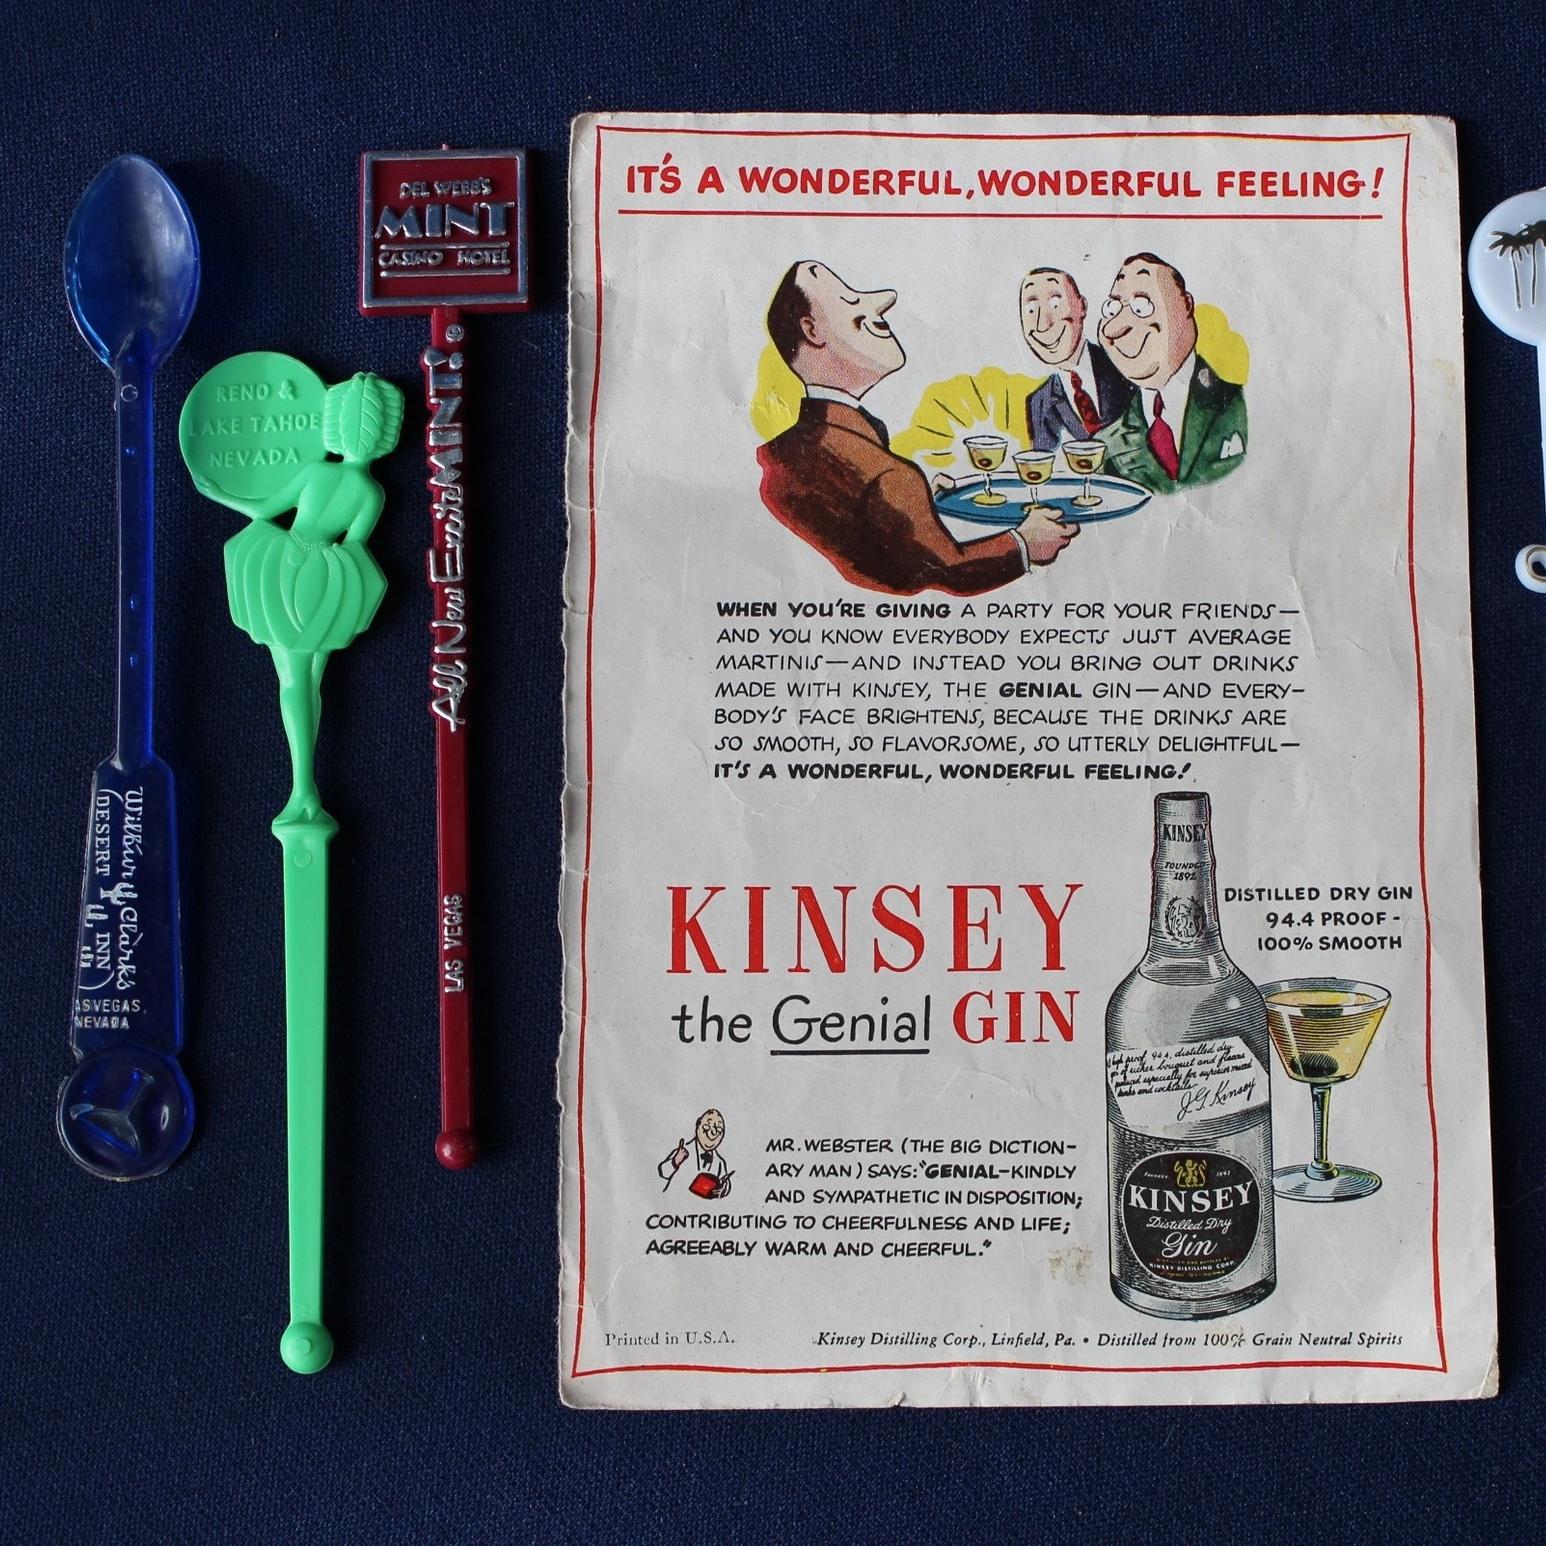 Kinsey Gin